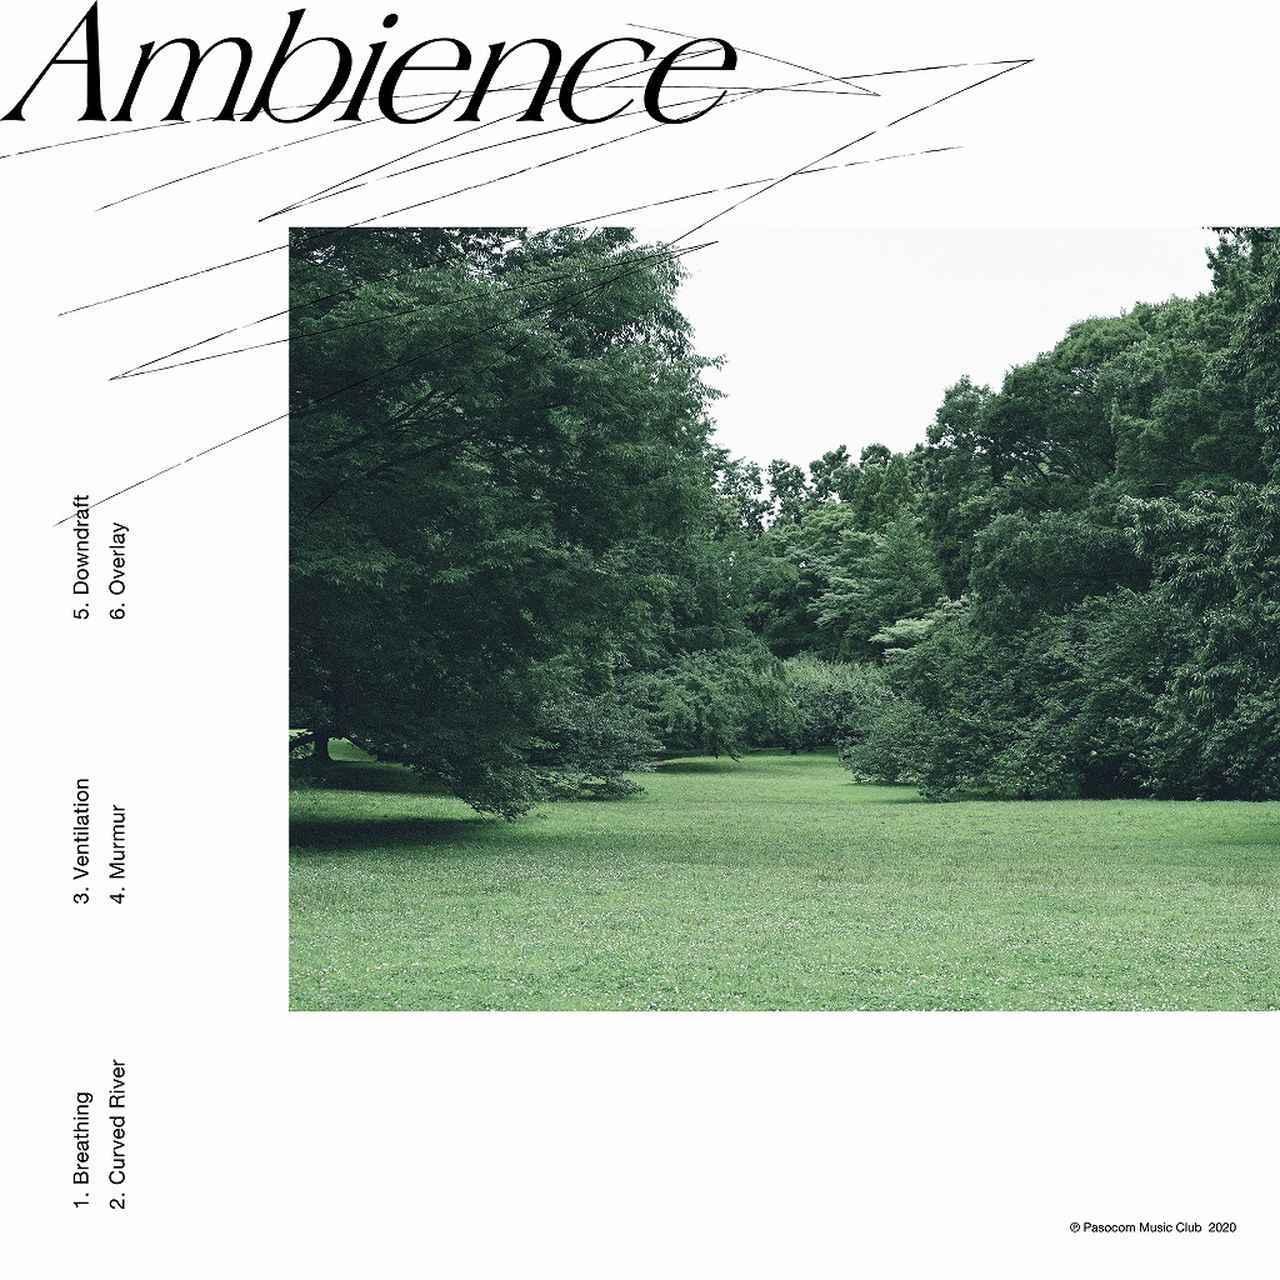 画像: Ambience / パソコン音楽クラブ